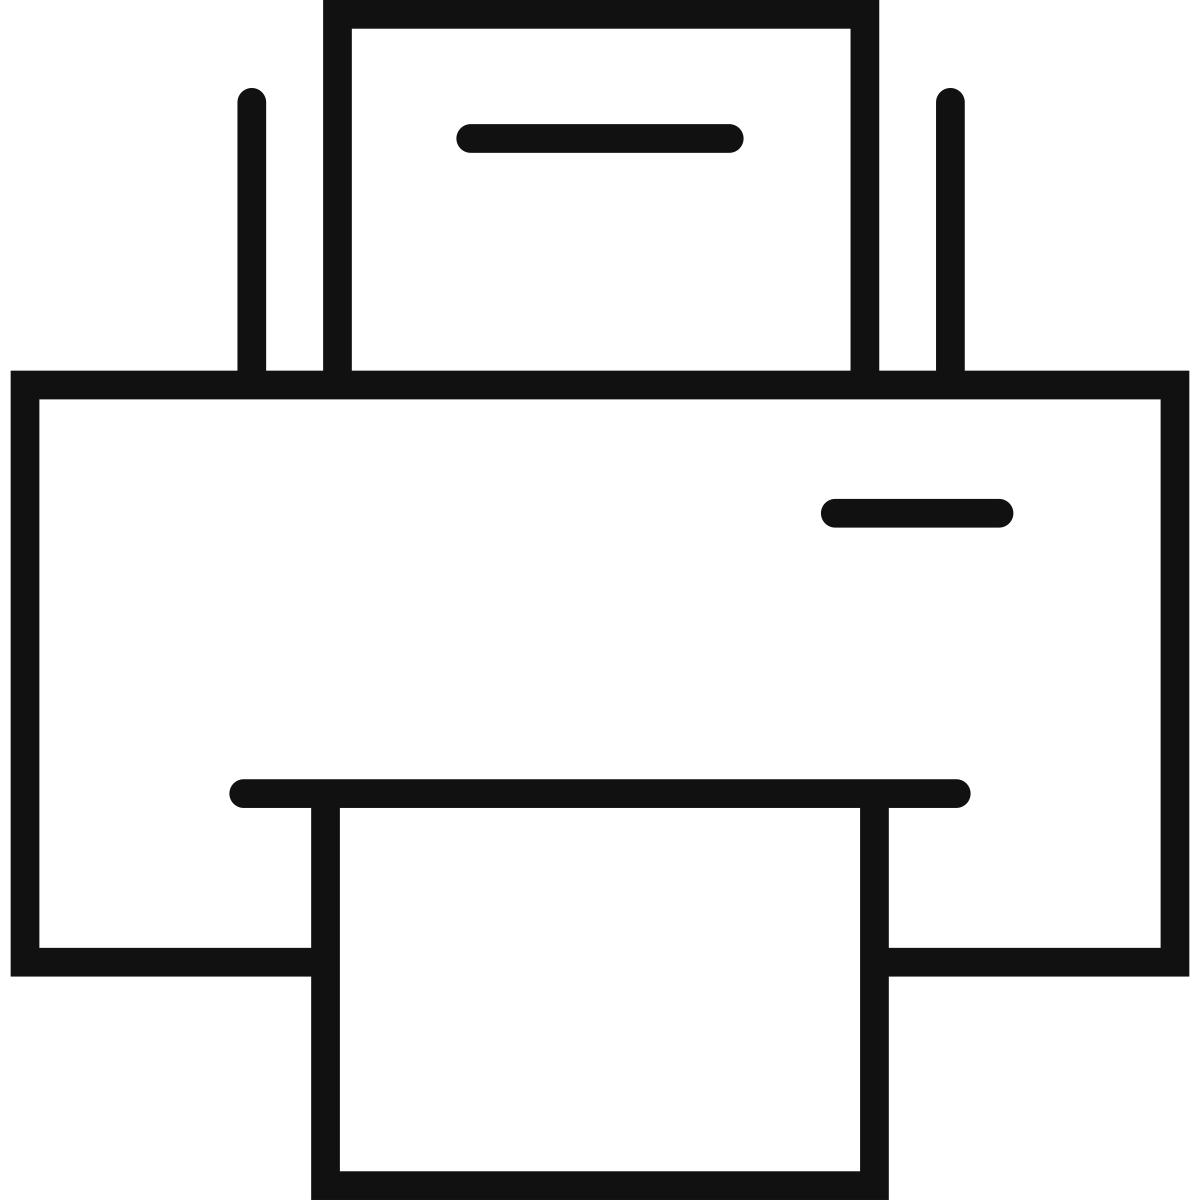 שלטי דפוס דיגיטלי